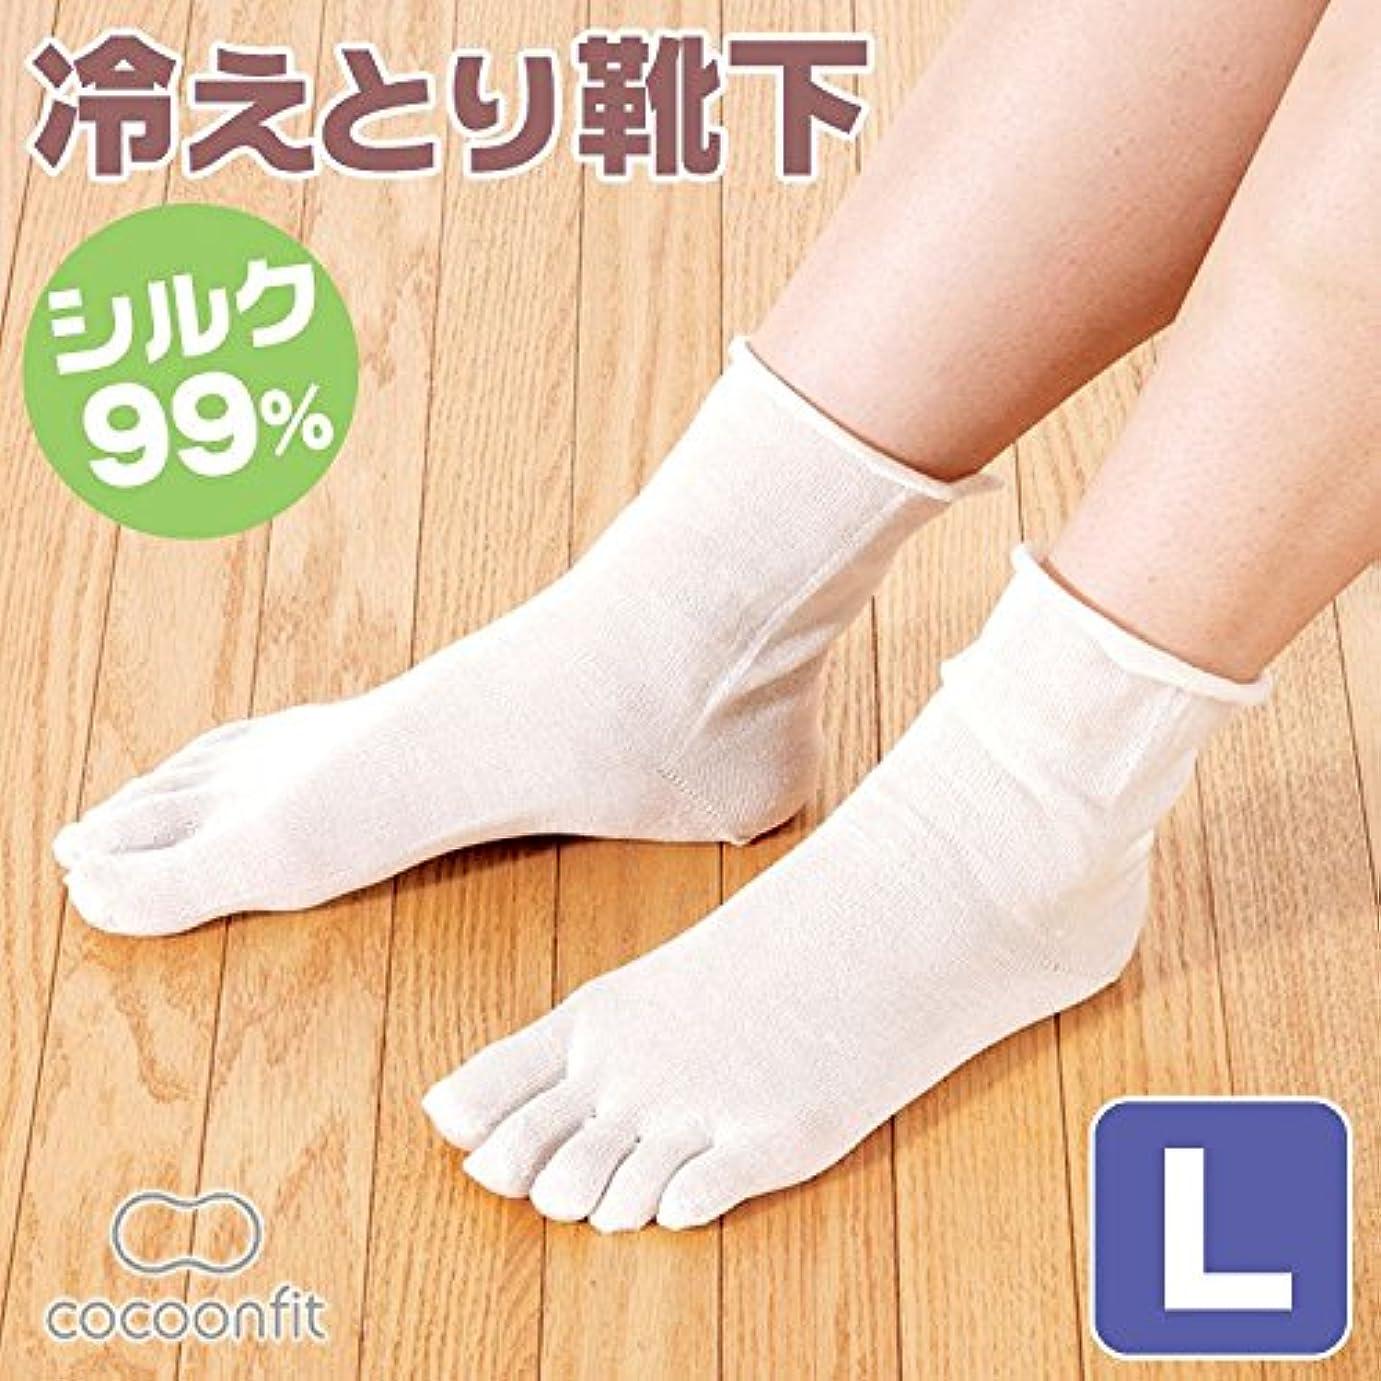 バック肘免疫する冷え取り靴下 5本指ソックス シルク[Lサイズ:25~27cm] ※重ね履き靴下の1枚目のみ cocoonfit